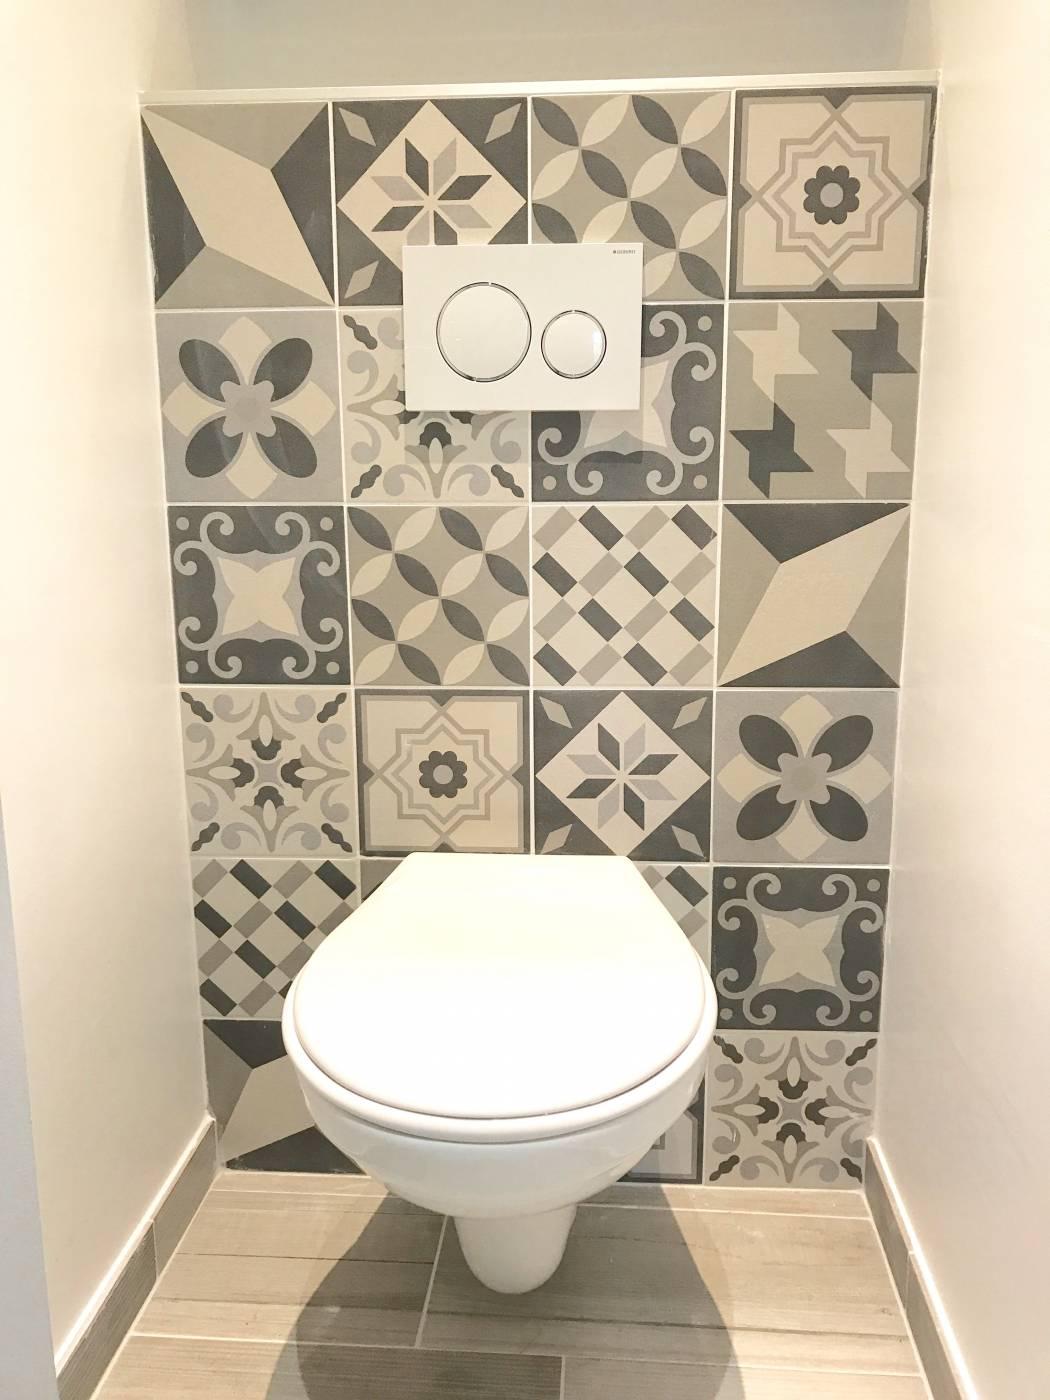 carrelage bleu pour wc - atwebster.fr - maison et mobilier